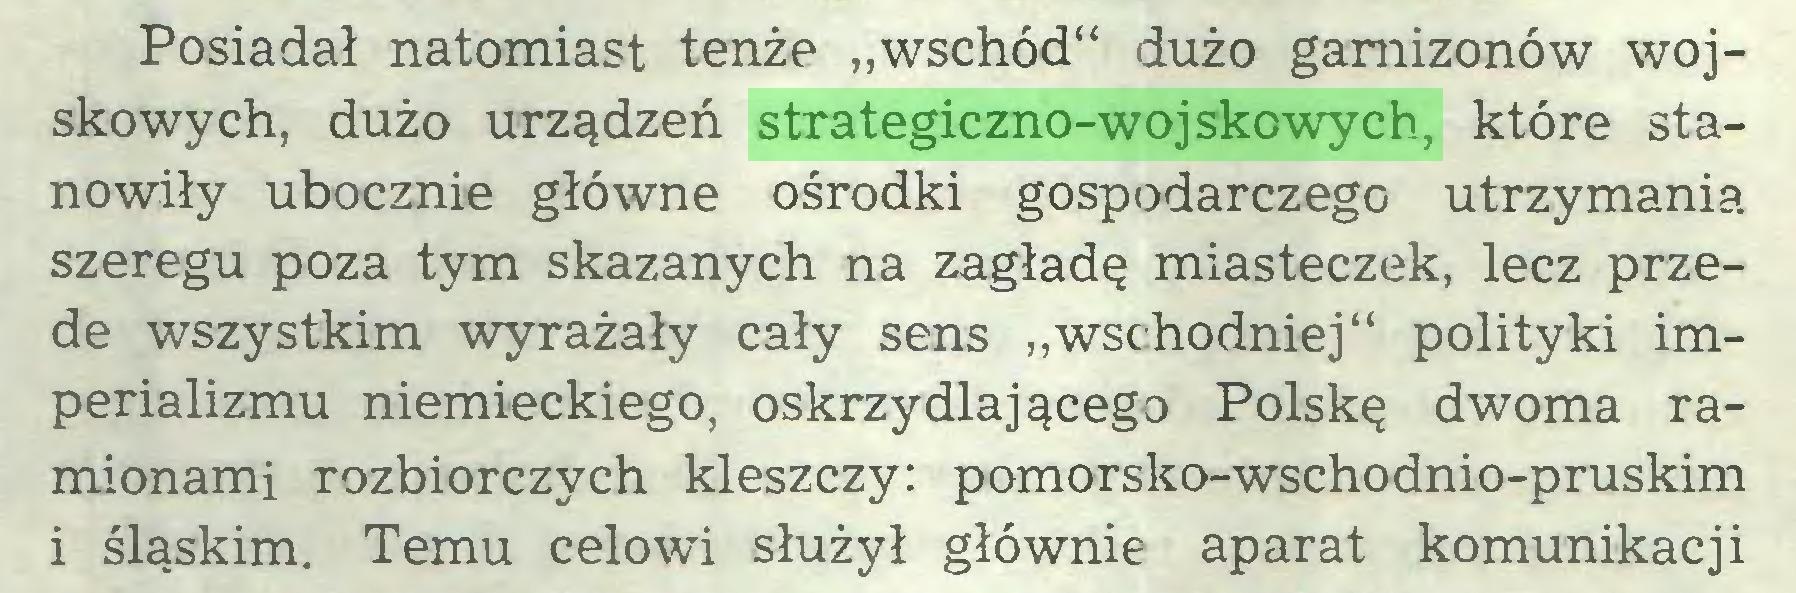 """(...) Posiadał natomiast tenże """"wschód"""" dużo garnizonów wojskowych, dużo urządzeń strategiczno-wojskowych, które stanowiły ubocznie główne ośrodki gospodarczego utrzymania szeregu poza tym skazanych na zagładę miasteczek, lecz przede wszystkim wyrażały cały sens """"wschodniej"""" polityki imperializmu niemieckiego, oskrzydlającego Polskę dwoma ramionami rozbiorczych kleszczy: pomorsko-wschodnio-pruskim i śląskim. Temu celowi służył głównie aparat komunikacji..."""